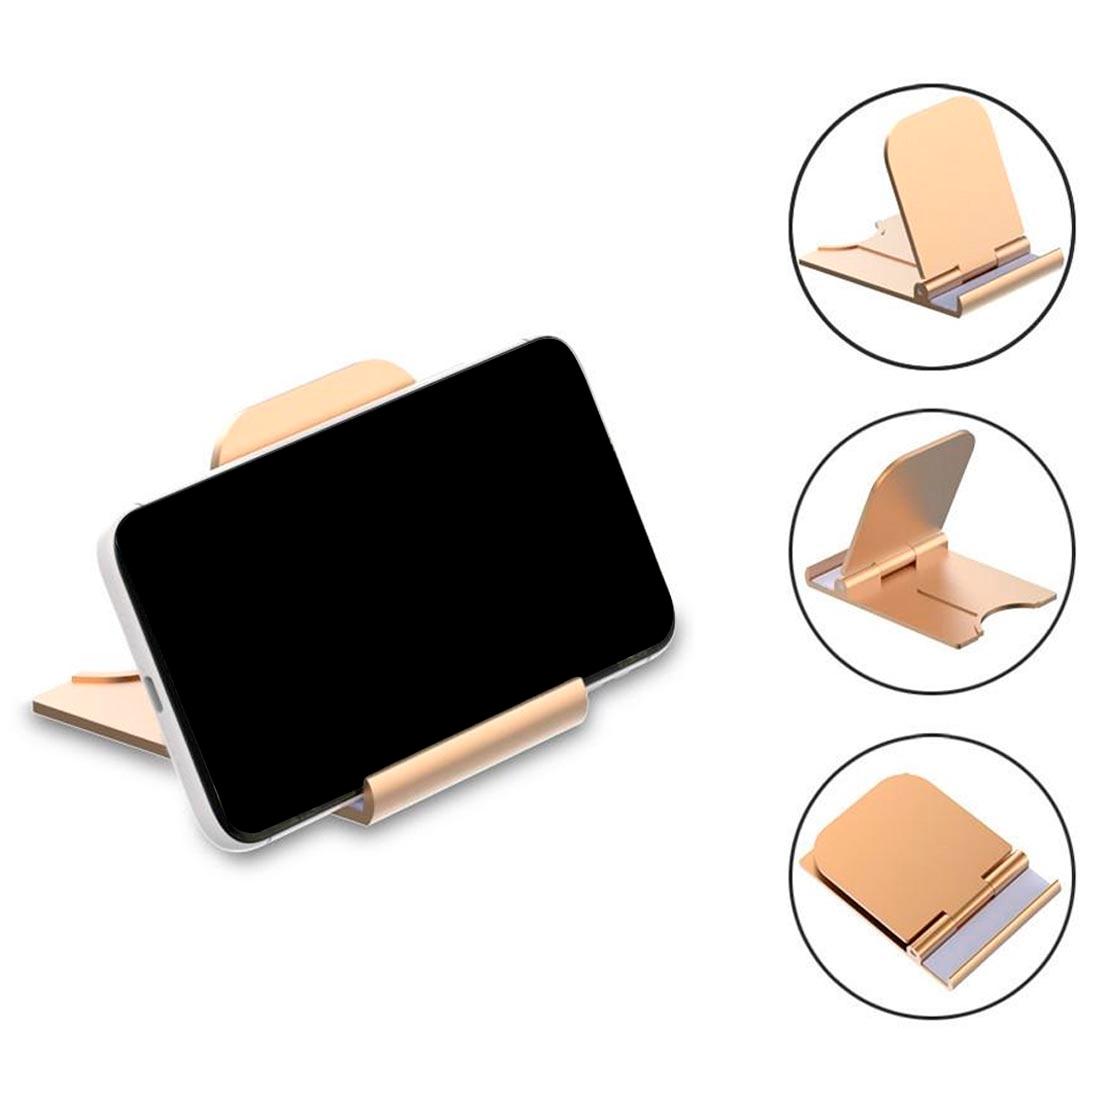 Soporte de mesa plegable Universal para teléfono móvil y soporte de escritorio...